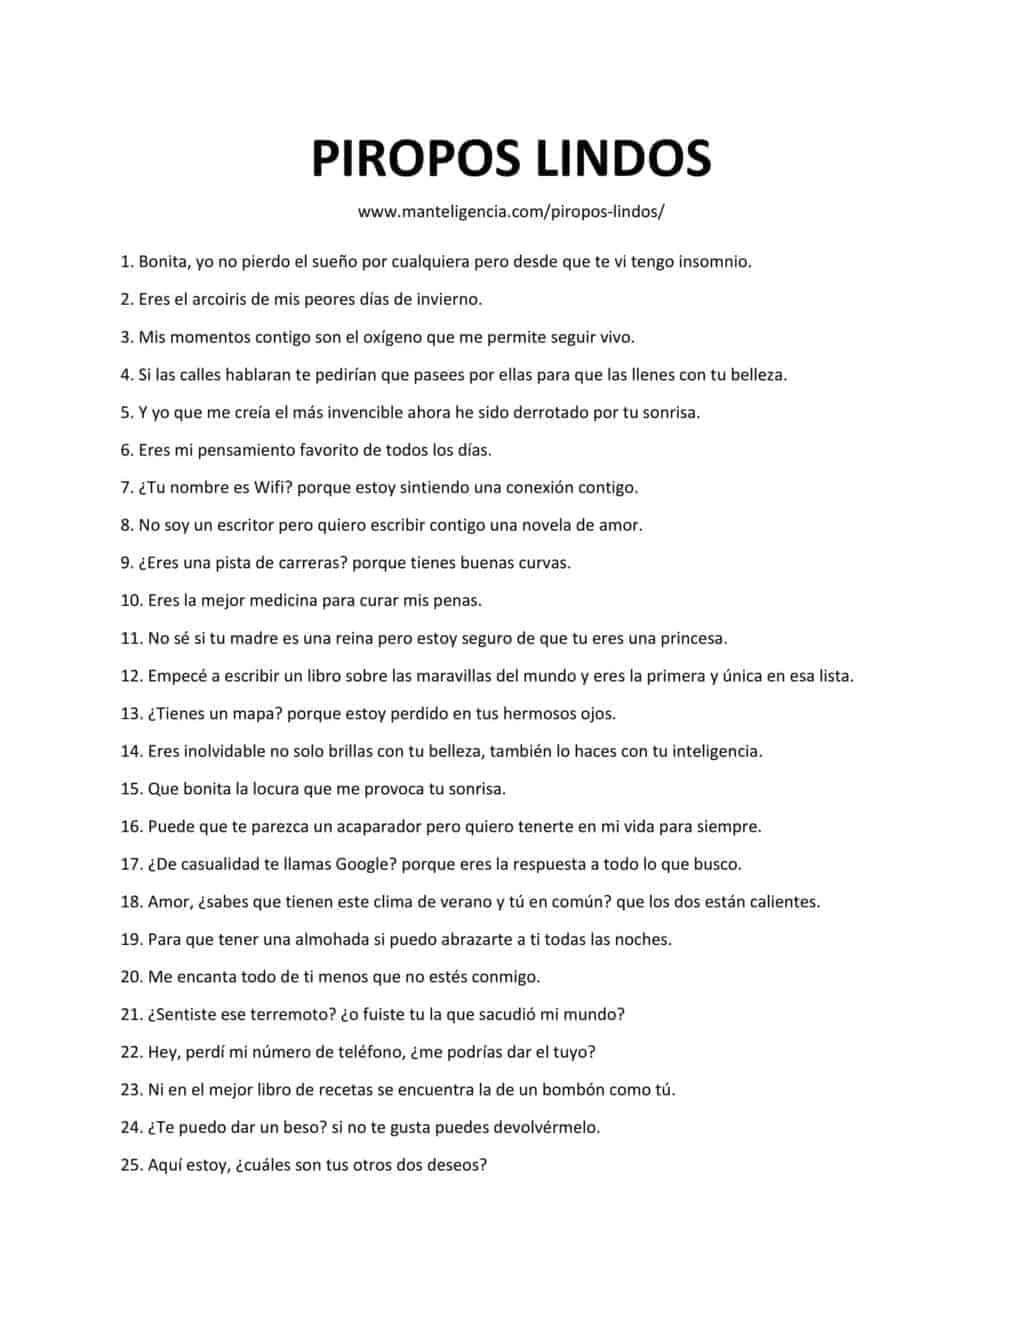 PIROPOS LINDOS-1